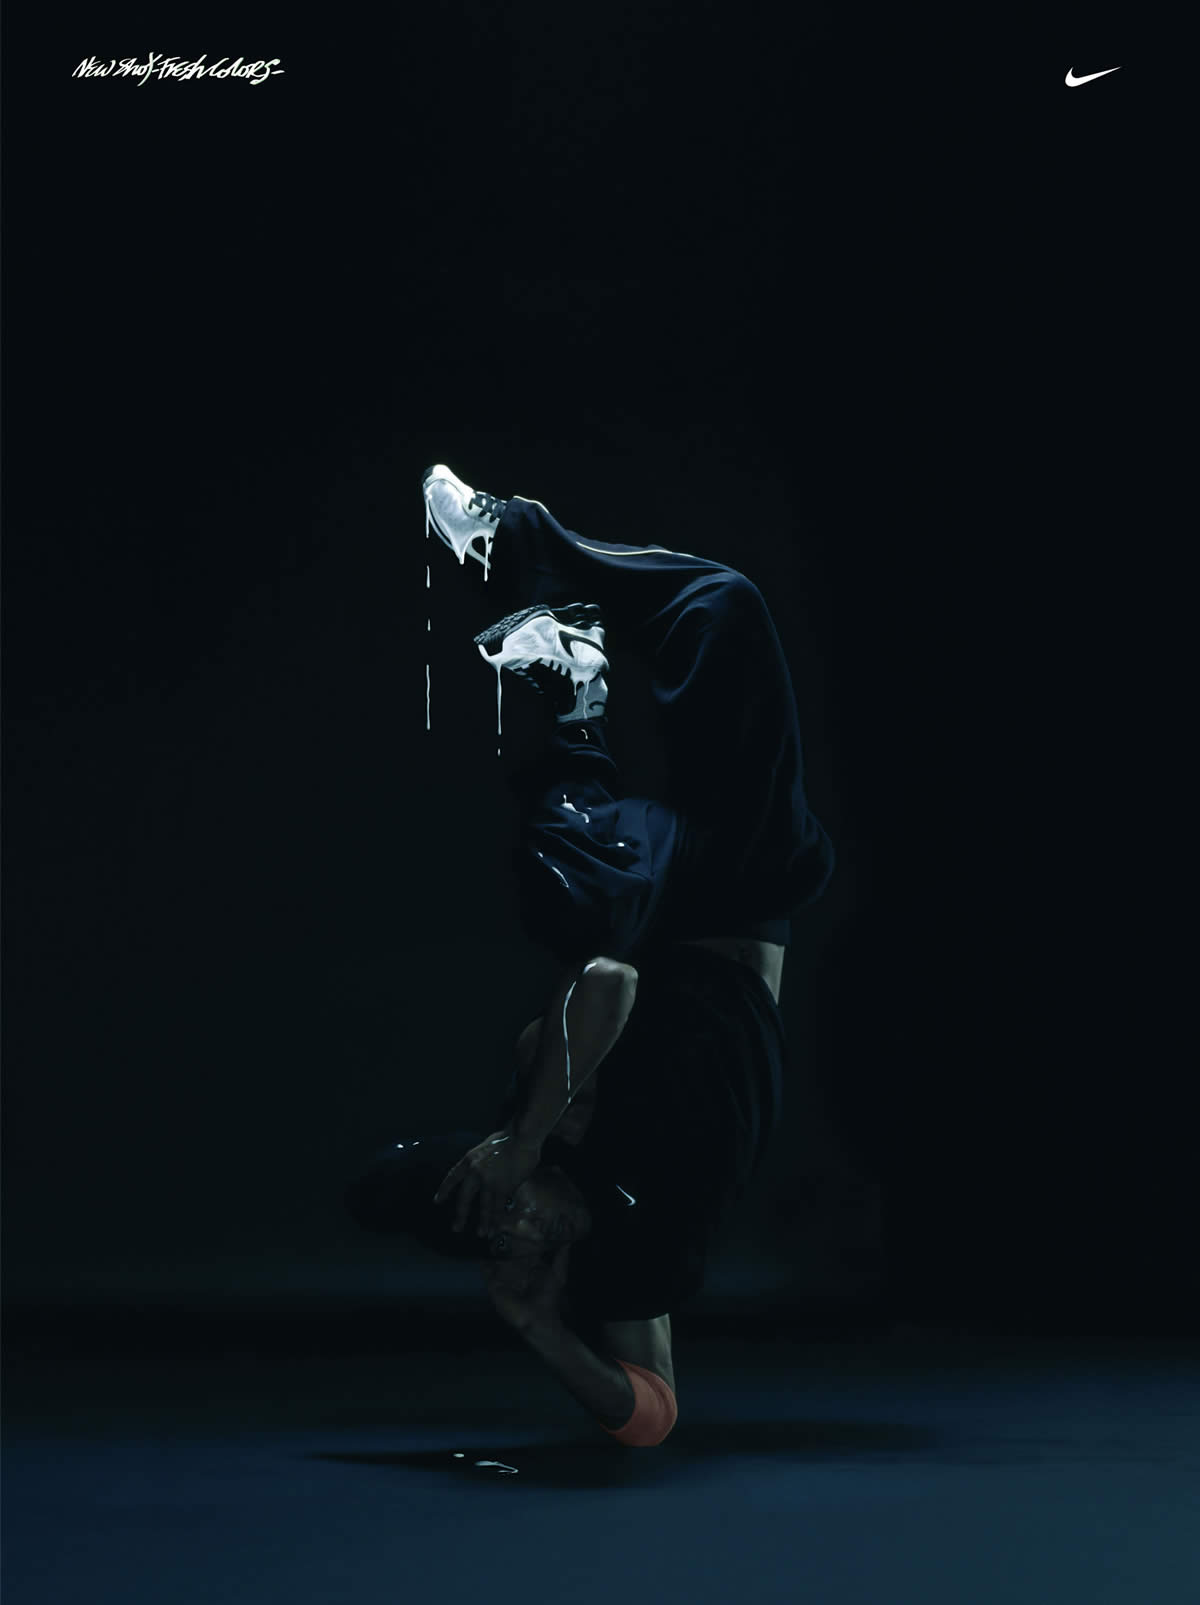 И классные рекламные фотки - Nike Shox BreakDancer...